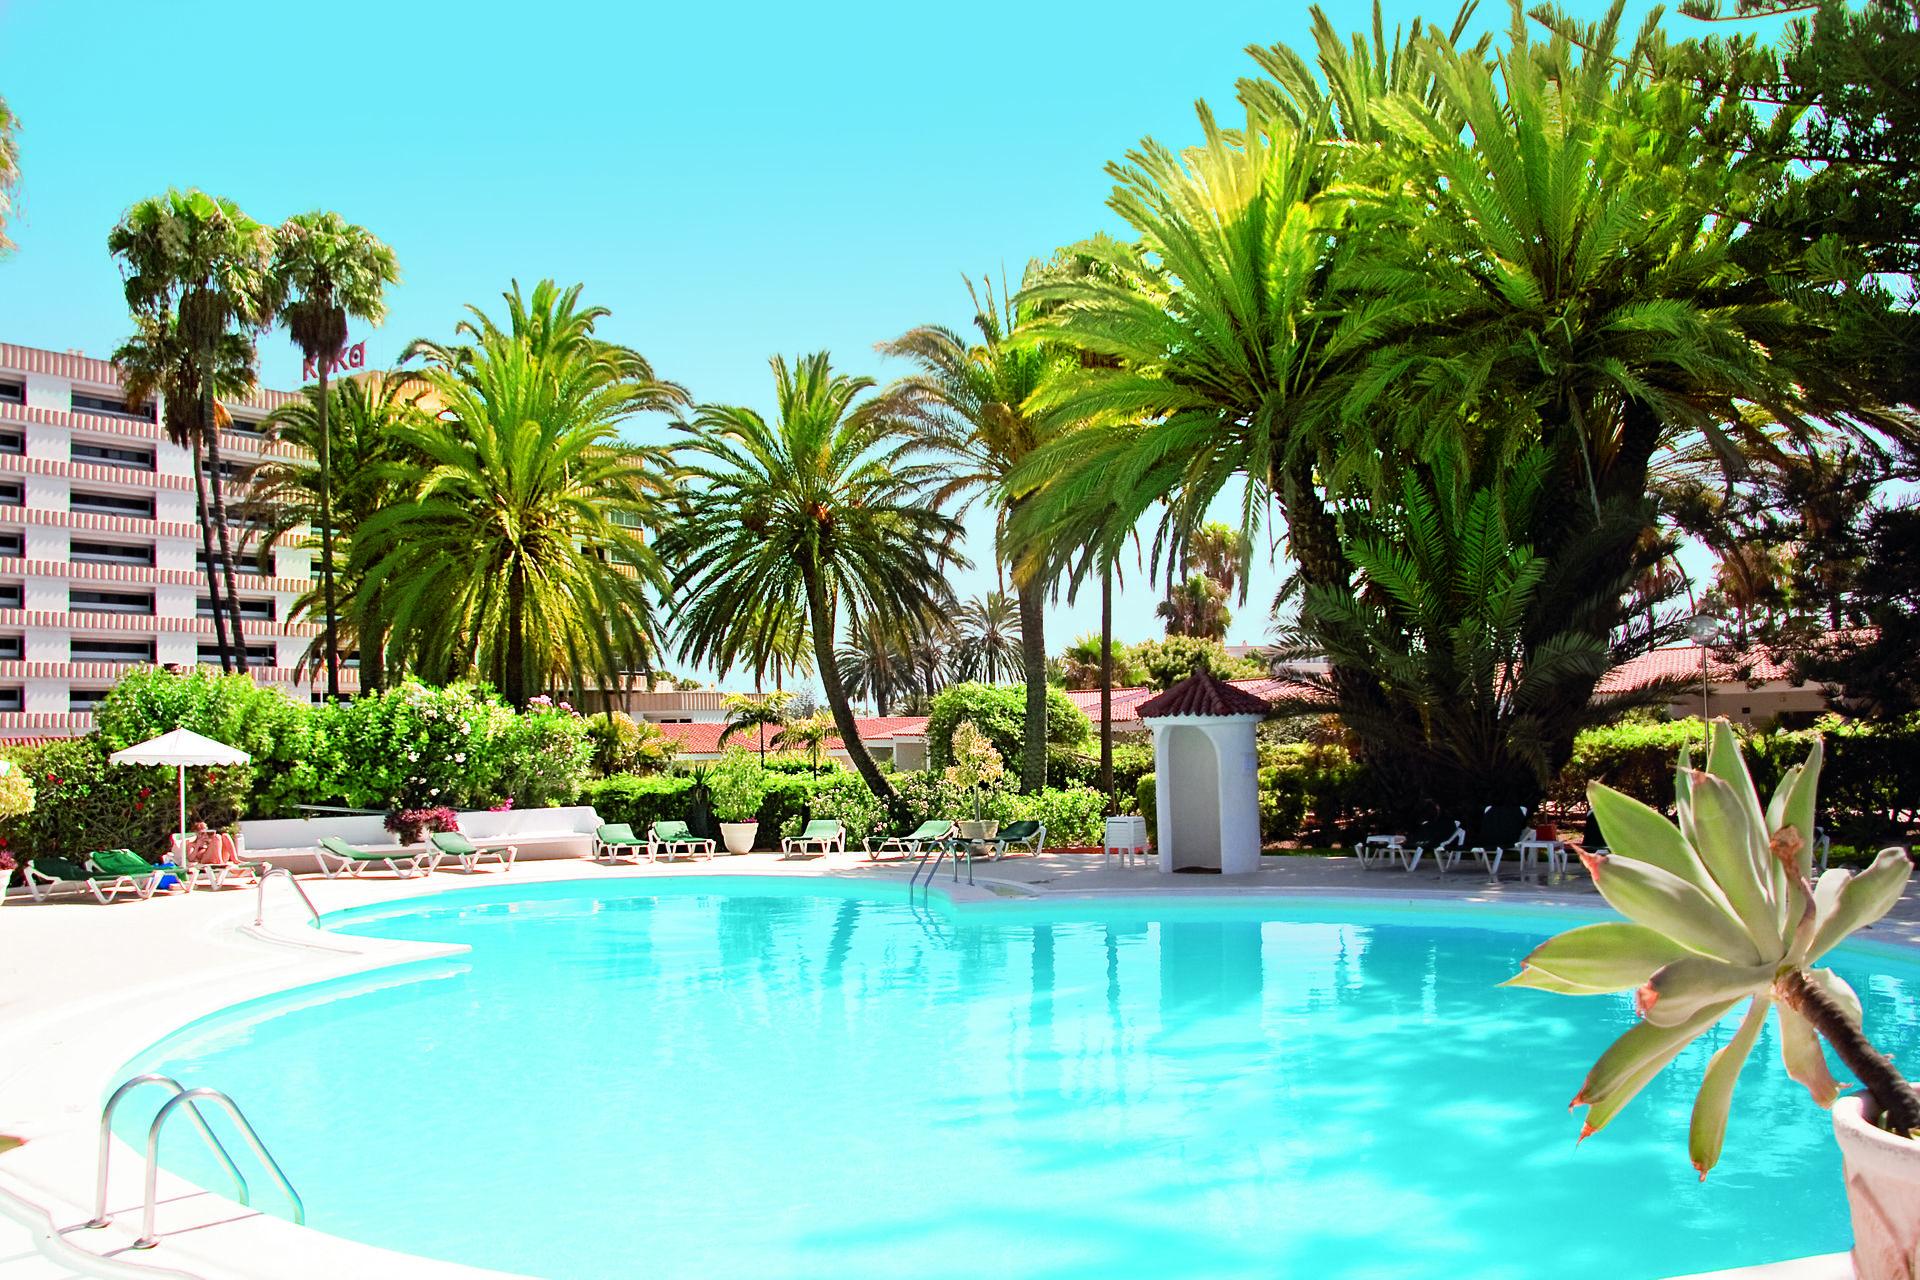 Bungalowhotel Parque Paraiso I 3*